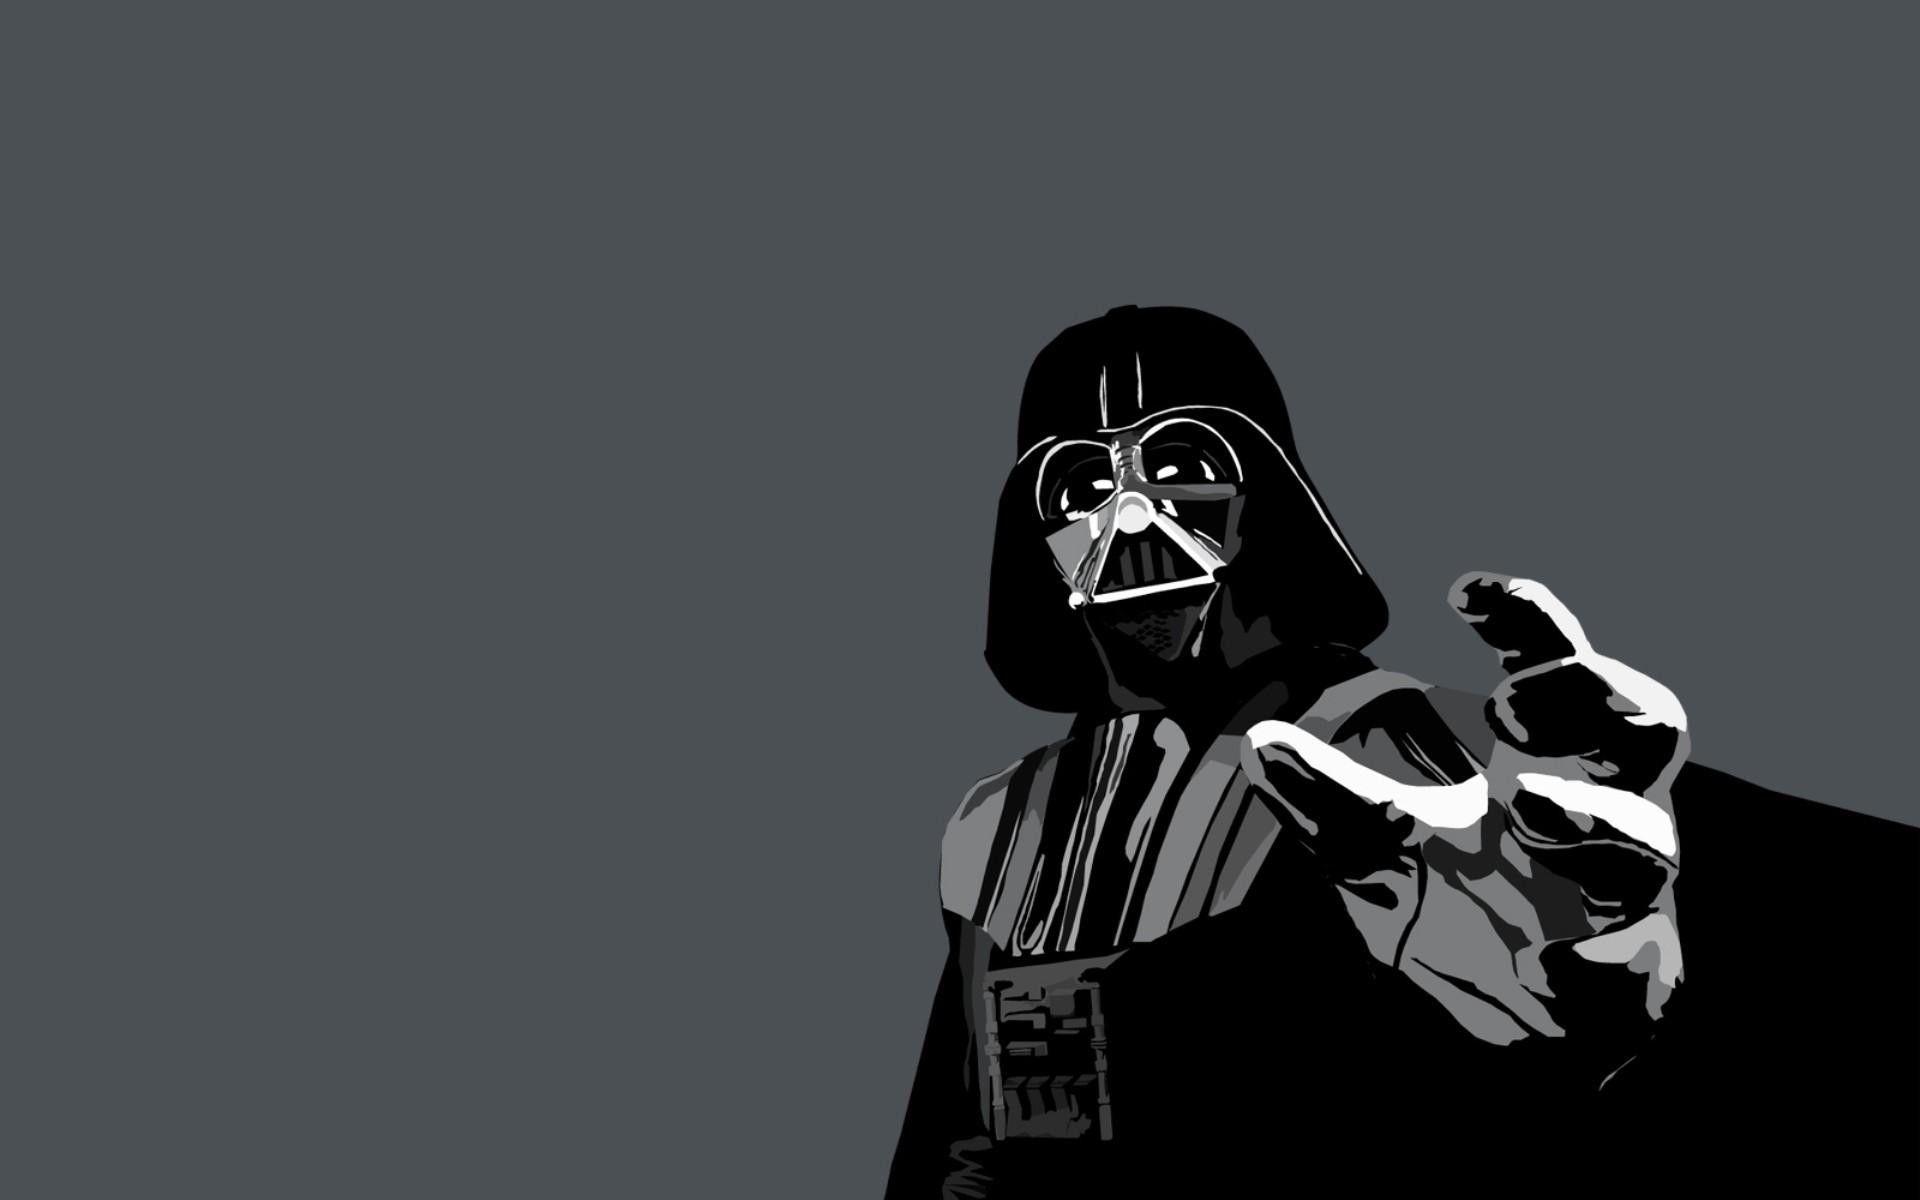 Darth Vader 1920x1200 Star Wars Wallpaper Darth Vader Star Wars